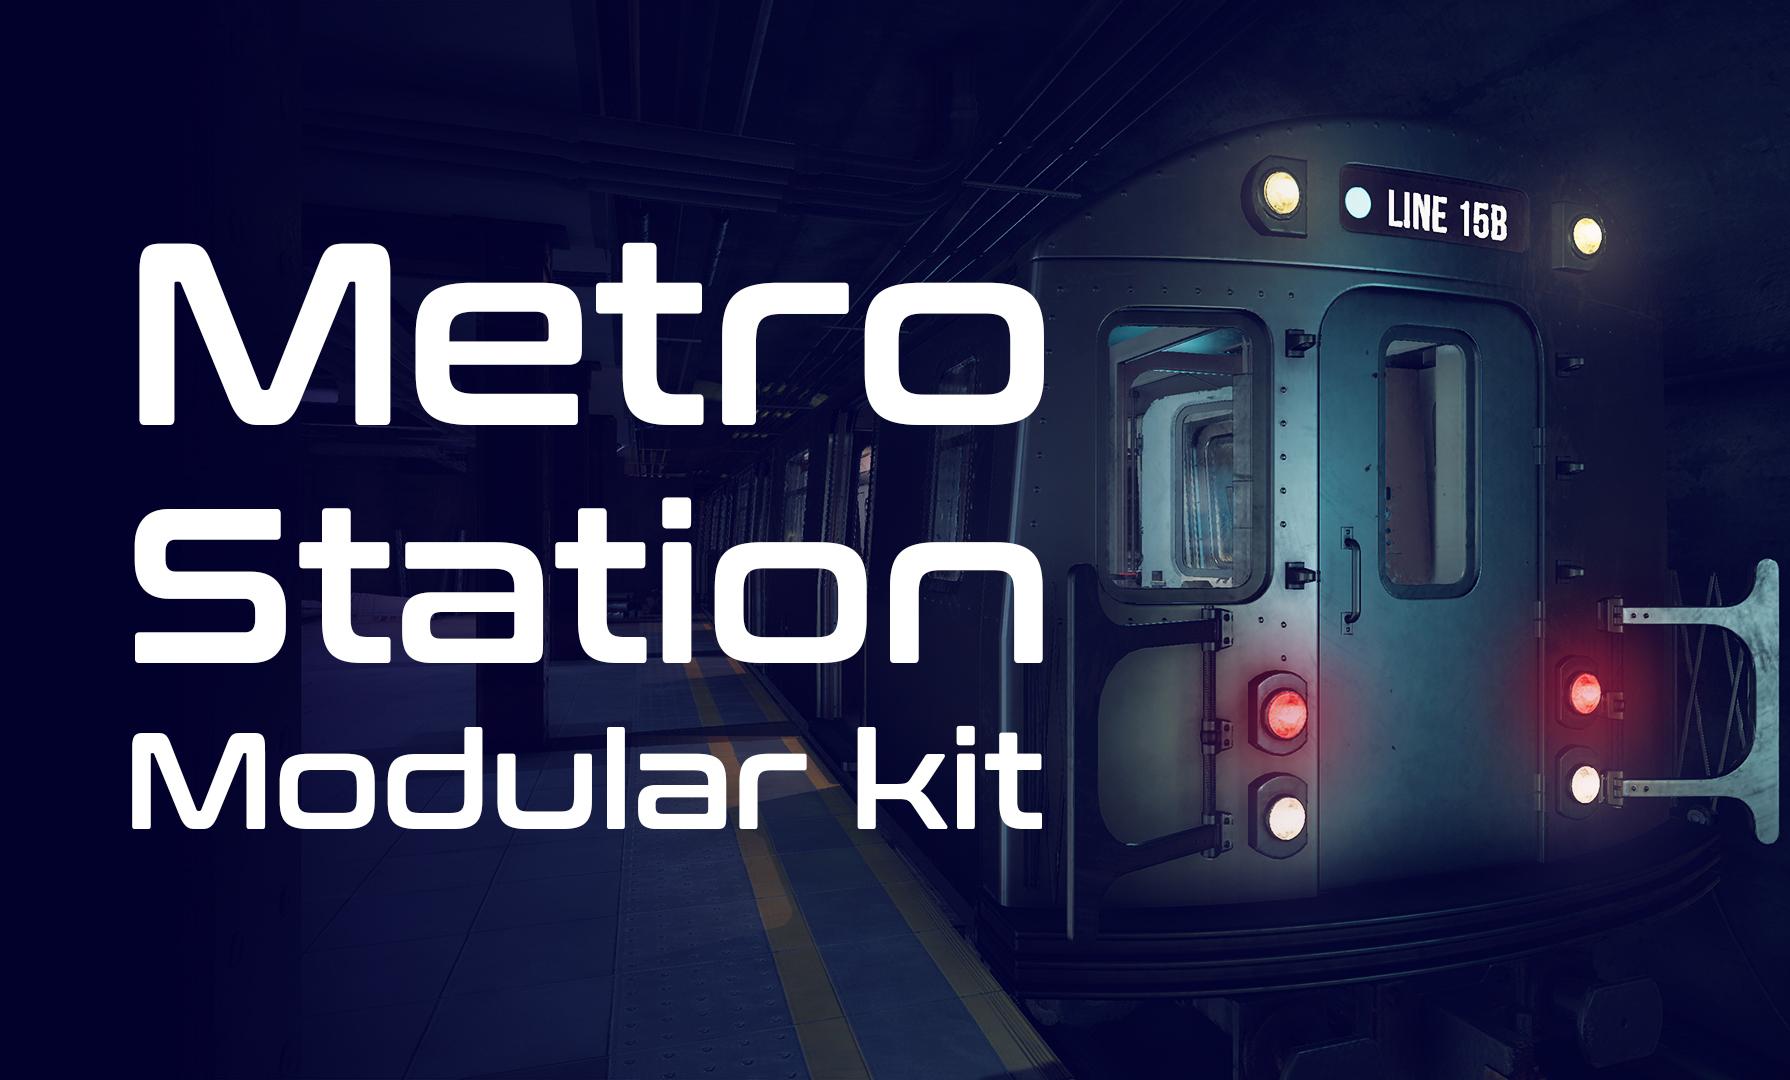 Metro station modular kit